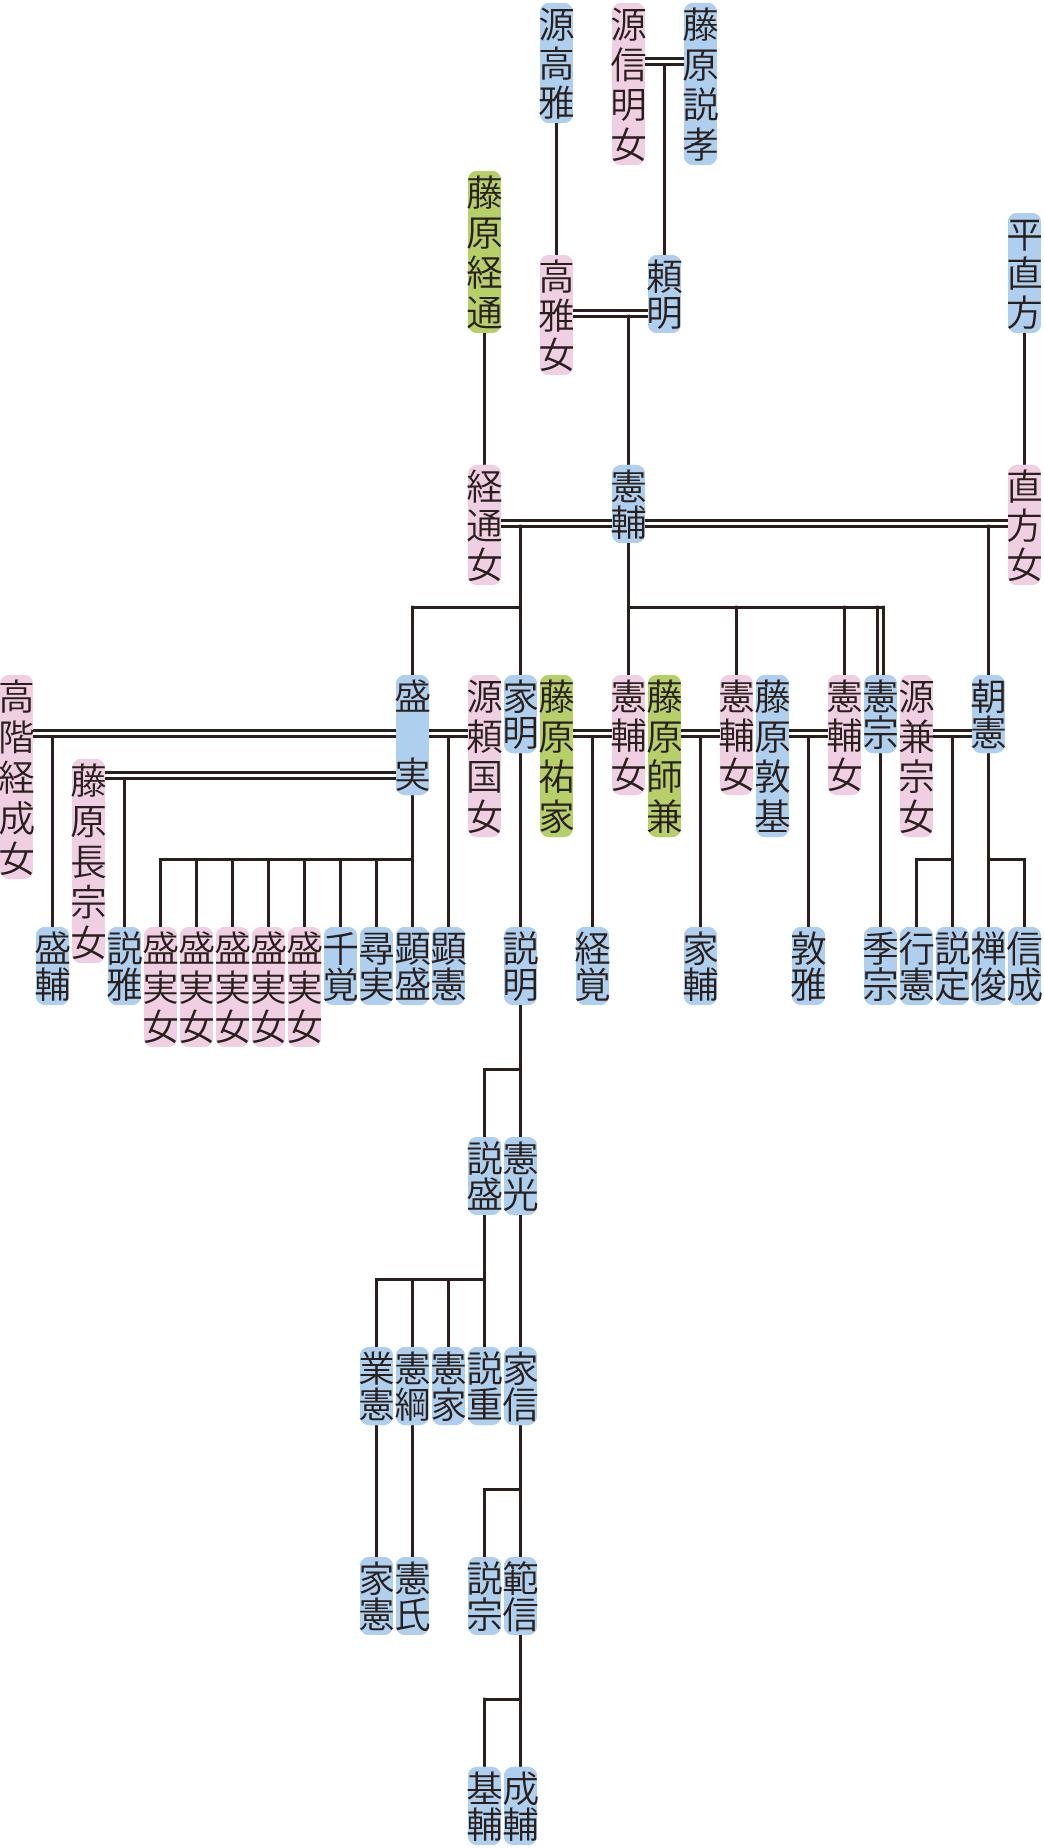 藤原憲輔の系図